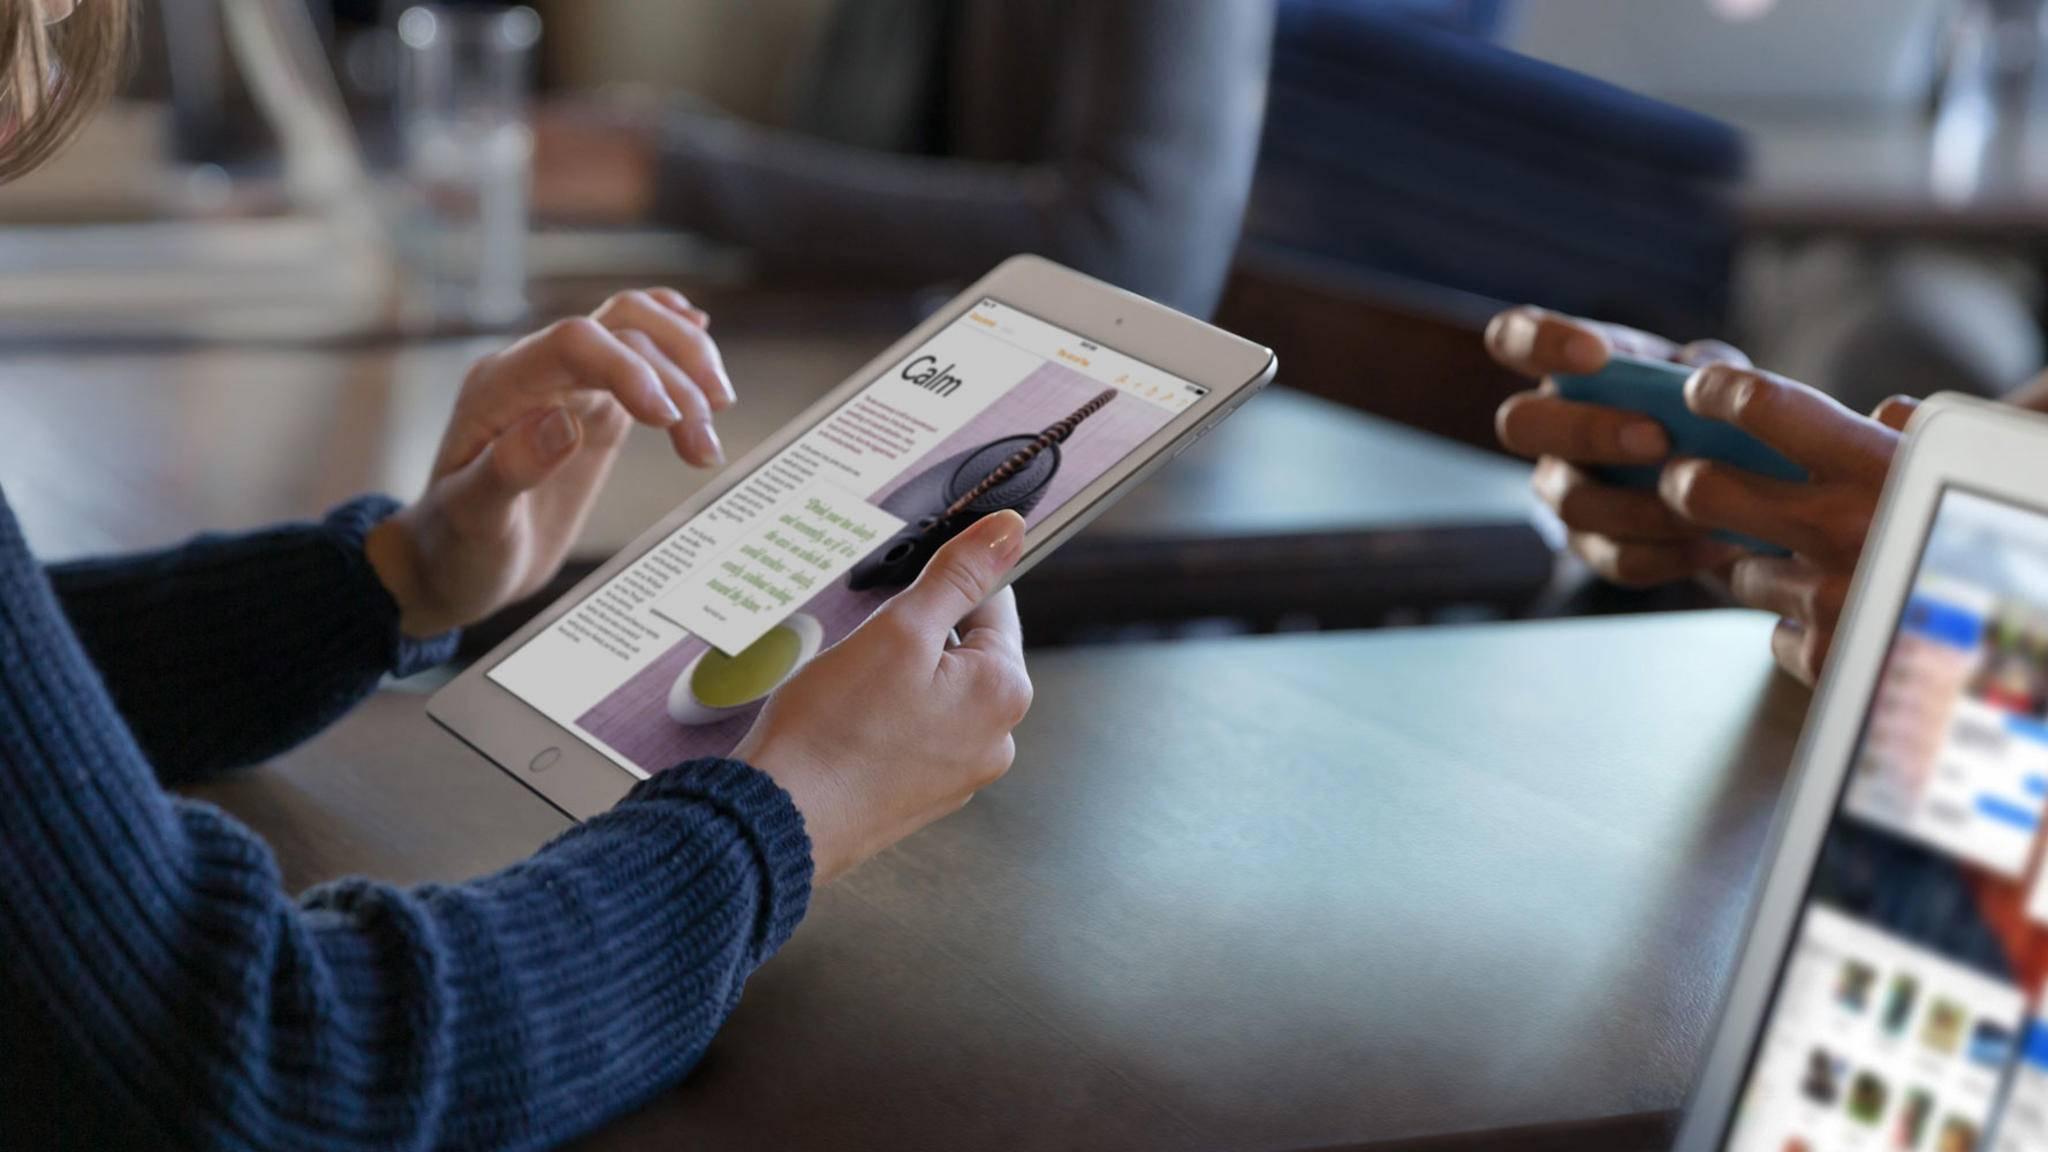 Die iPad Pro-Modelle könnten 2017 ein Update erhalten.